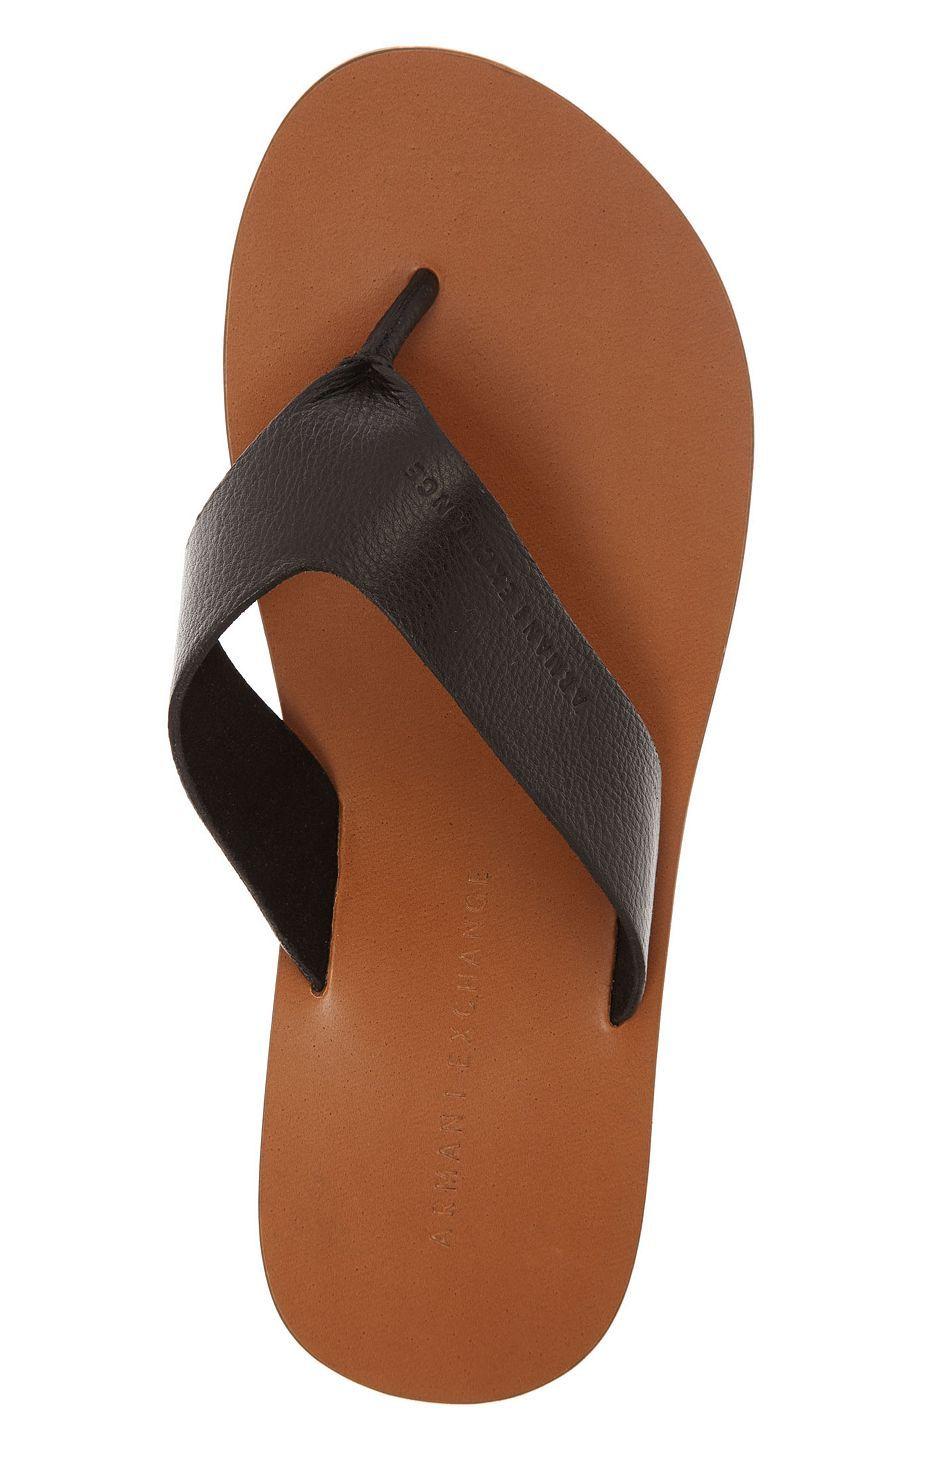 4ec156d5ebe Leather Flip Flop - Accessories Shop - Mens - Armani Exchange ...